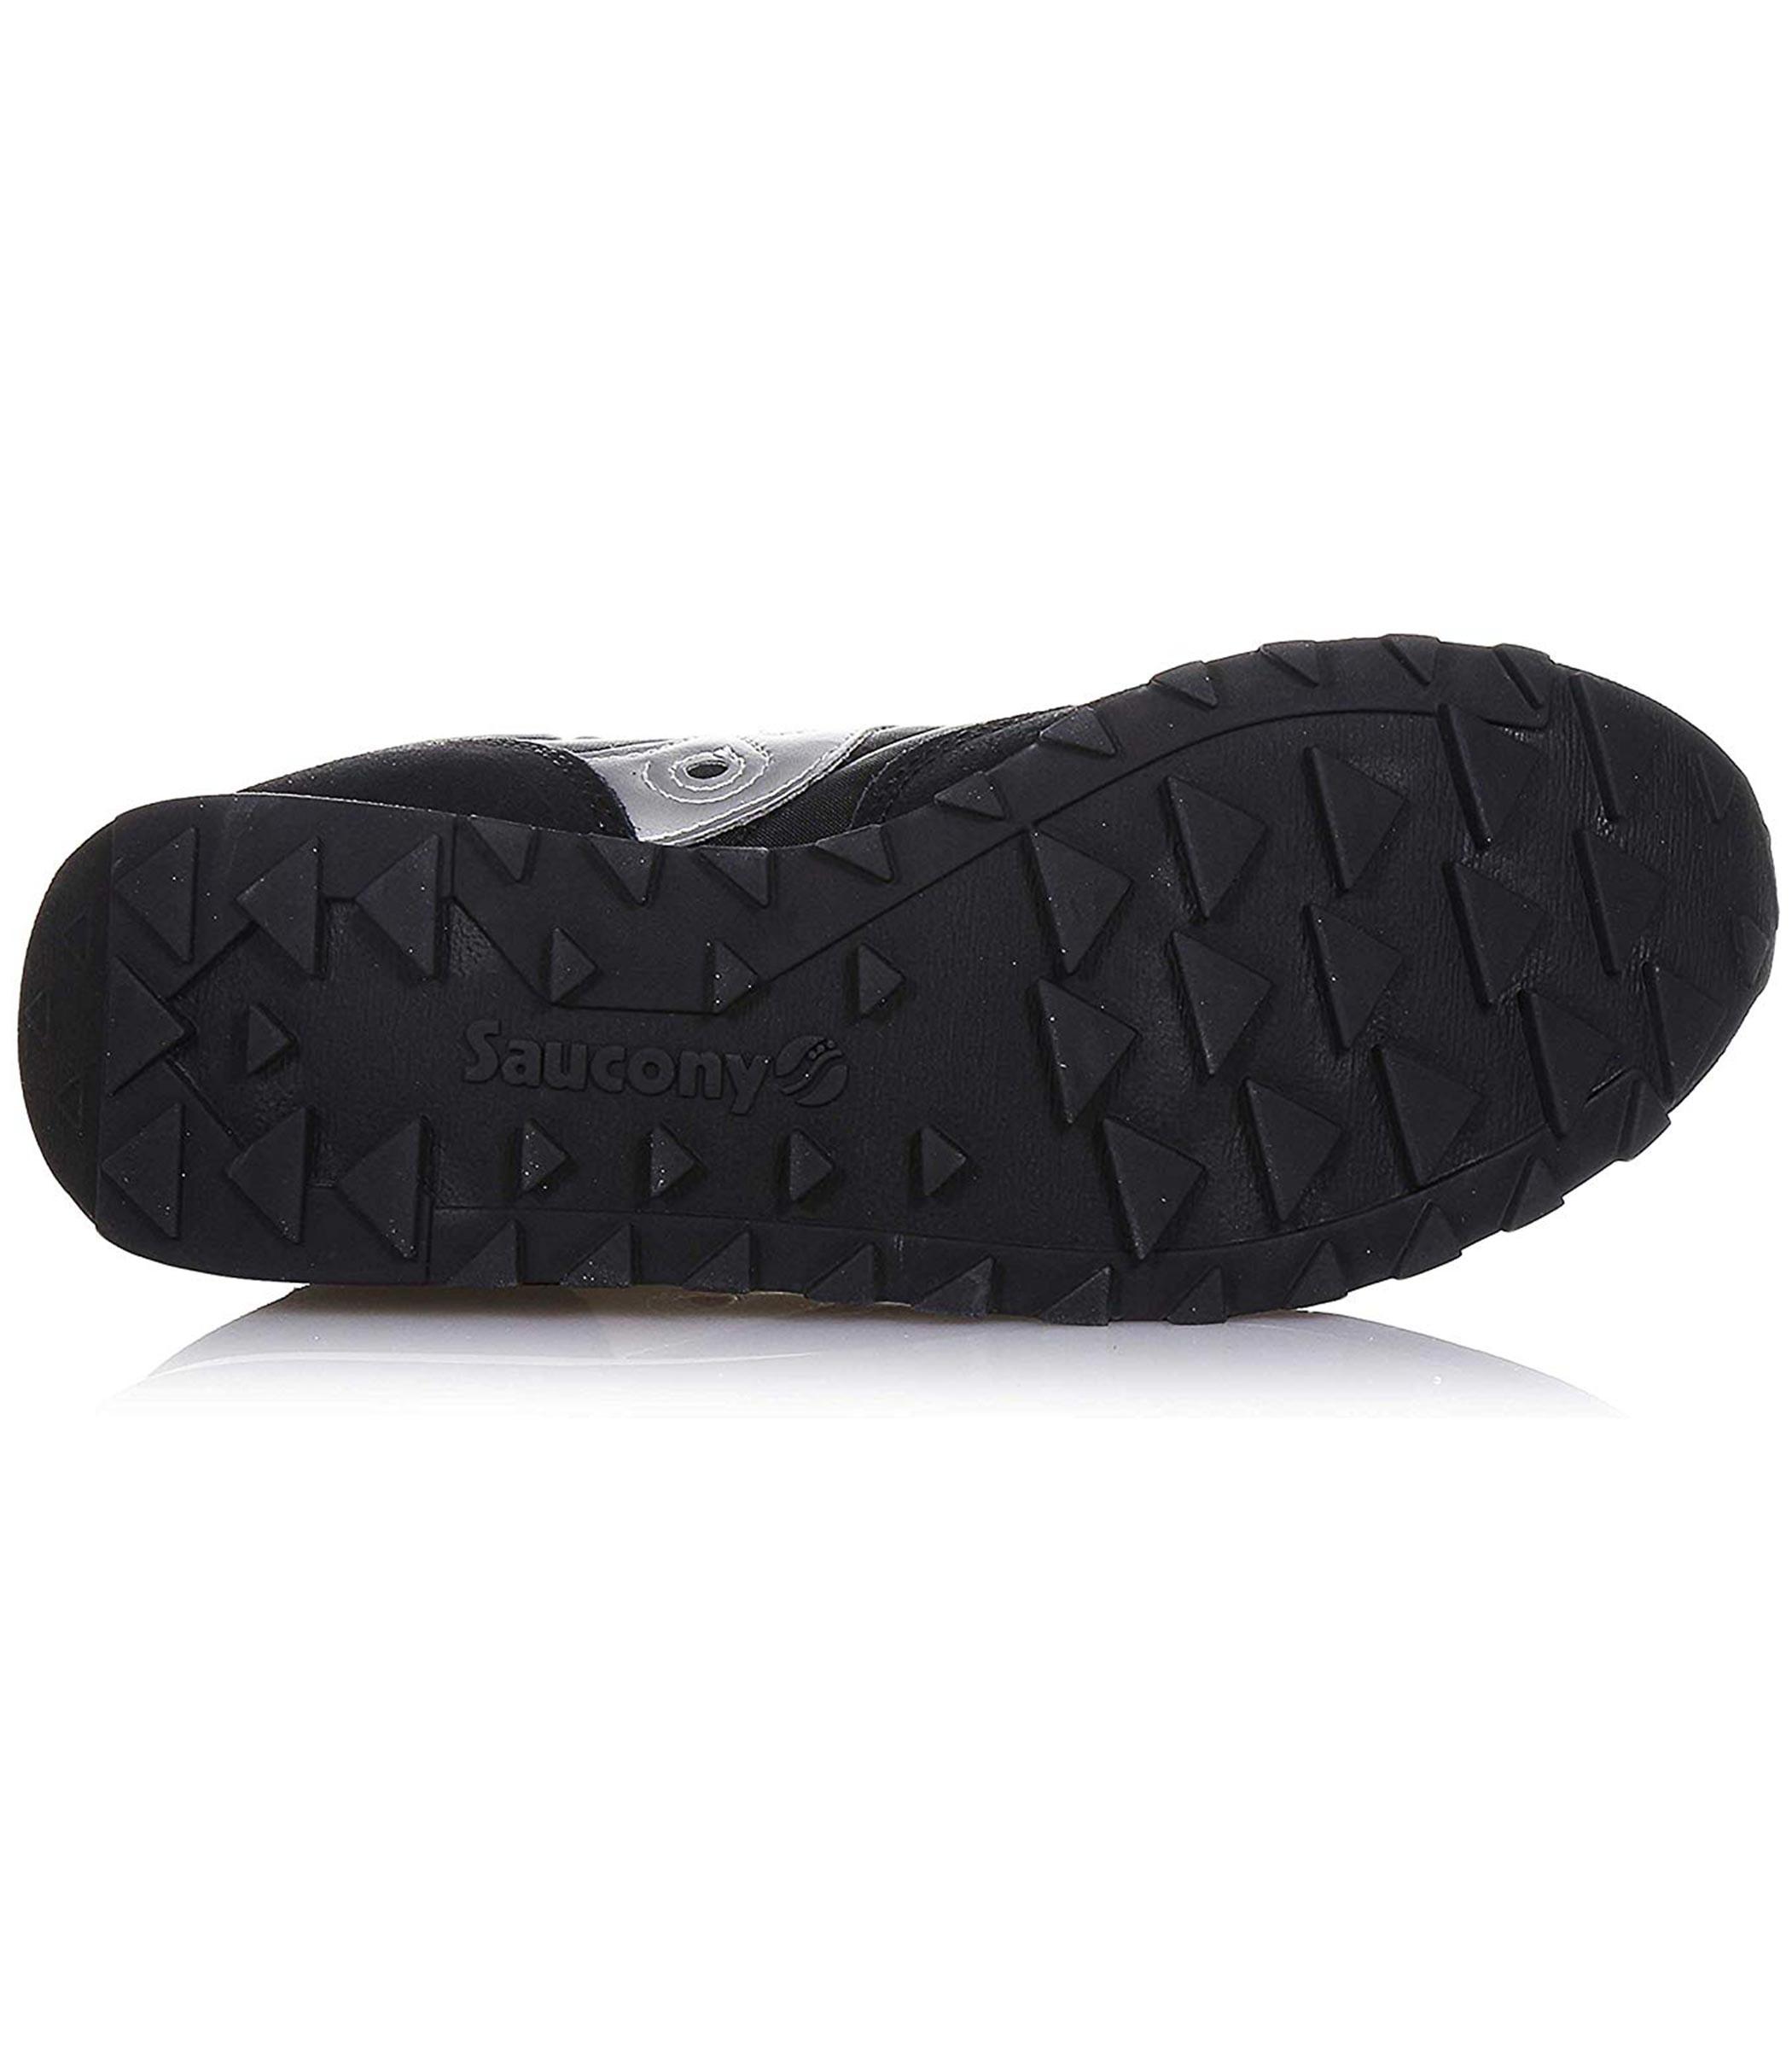 online store bb348 2274b scarpe-saucony-sy-jazz-o-vintage-black-ragazzo-unisex-rif-sy59169.jpg